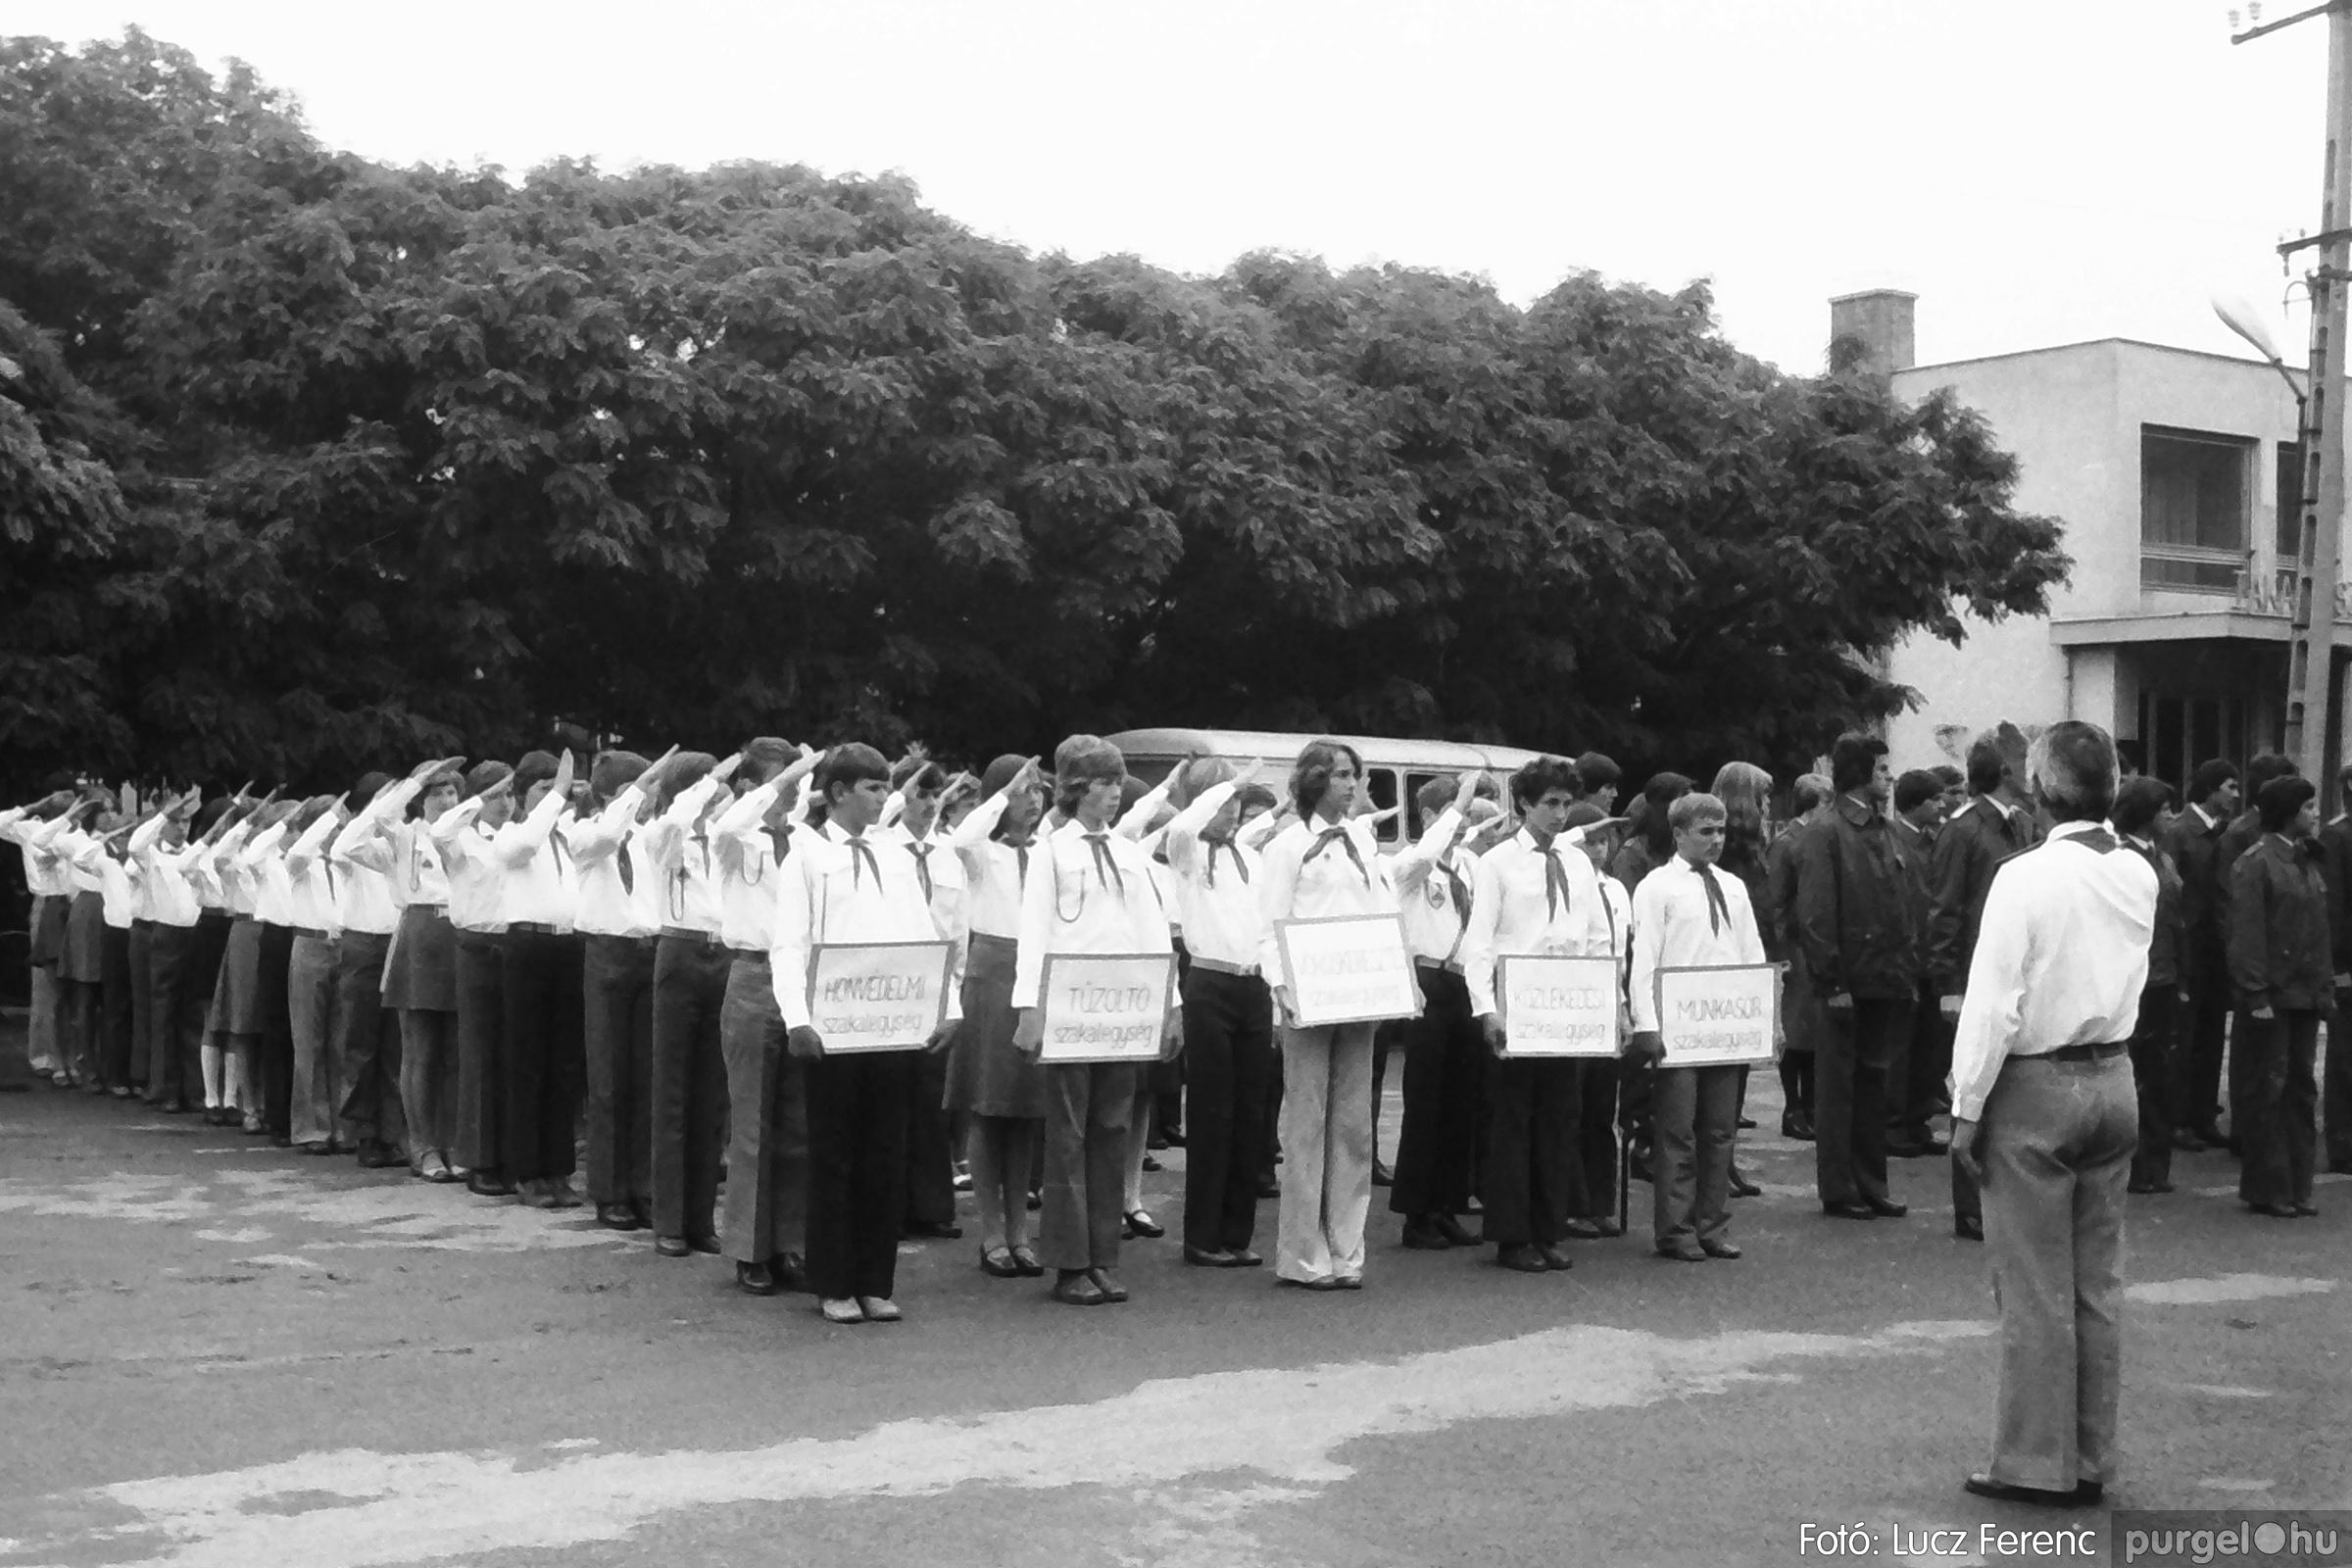 090. 1977. Úttörő gárda - ifjú gárda seregszemle 011. - Fotó: Lucz Ferenc.jpg